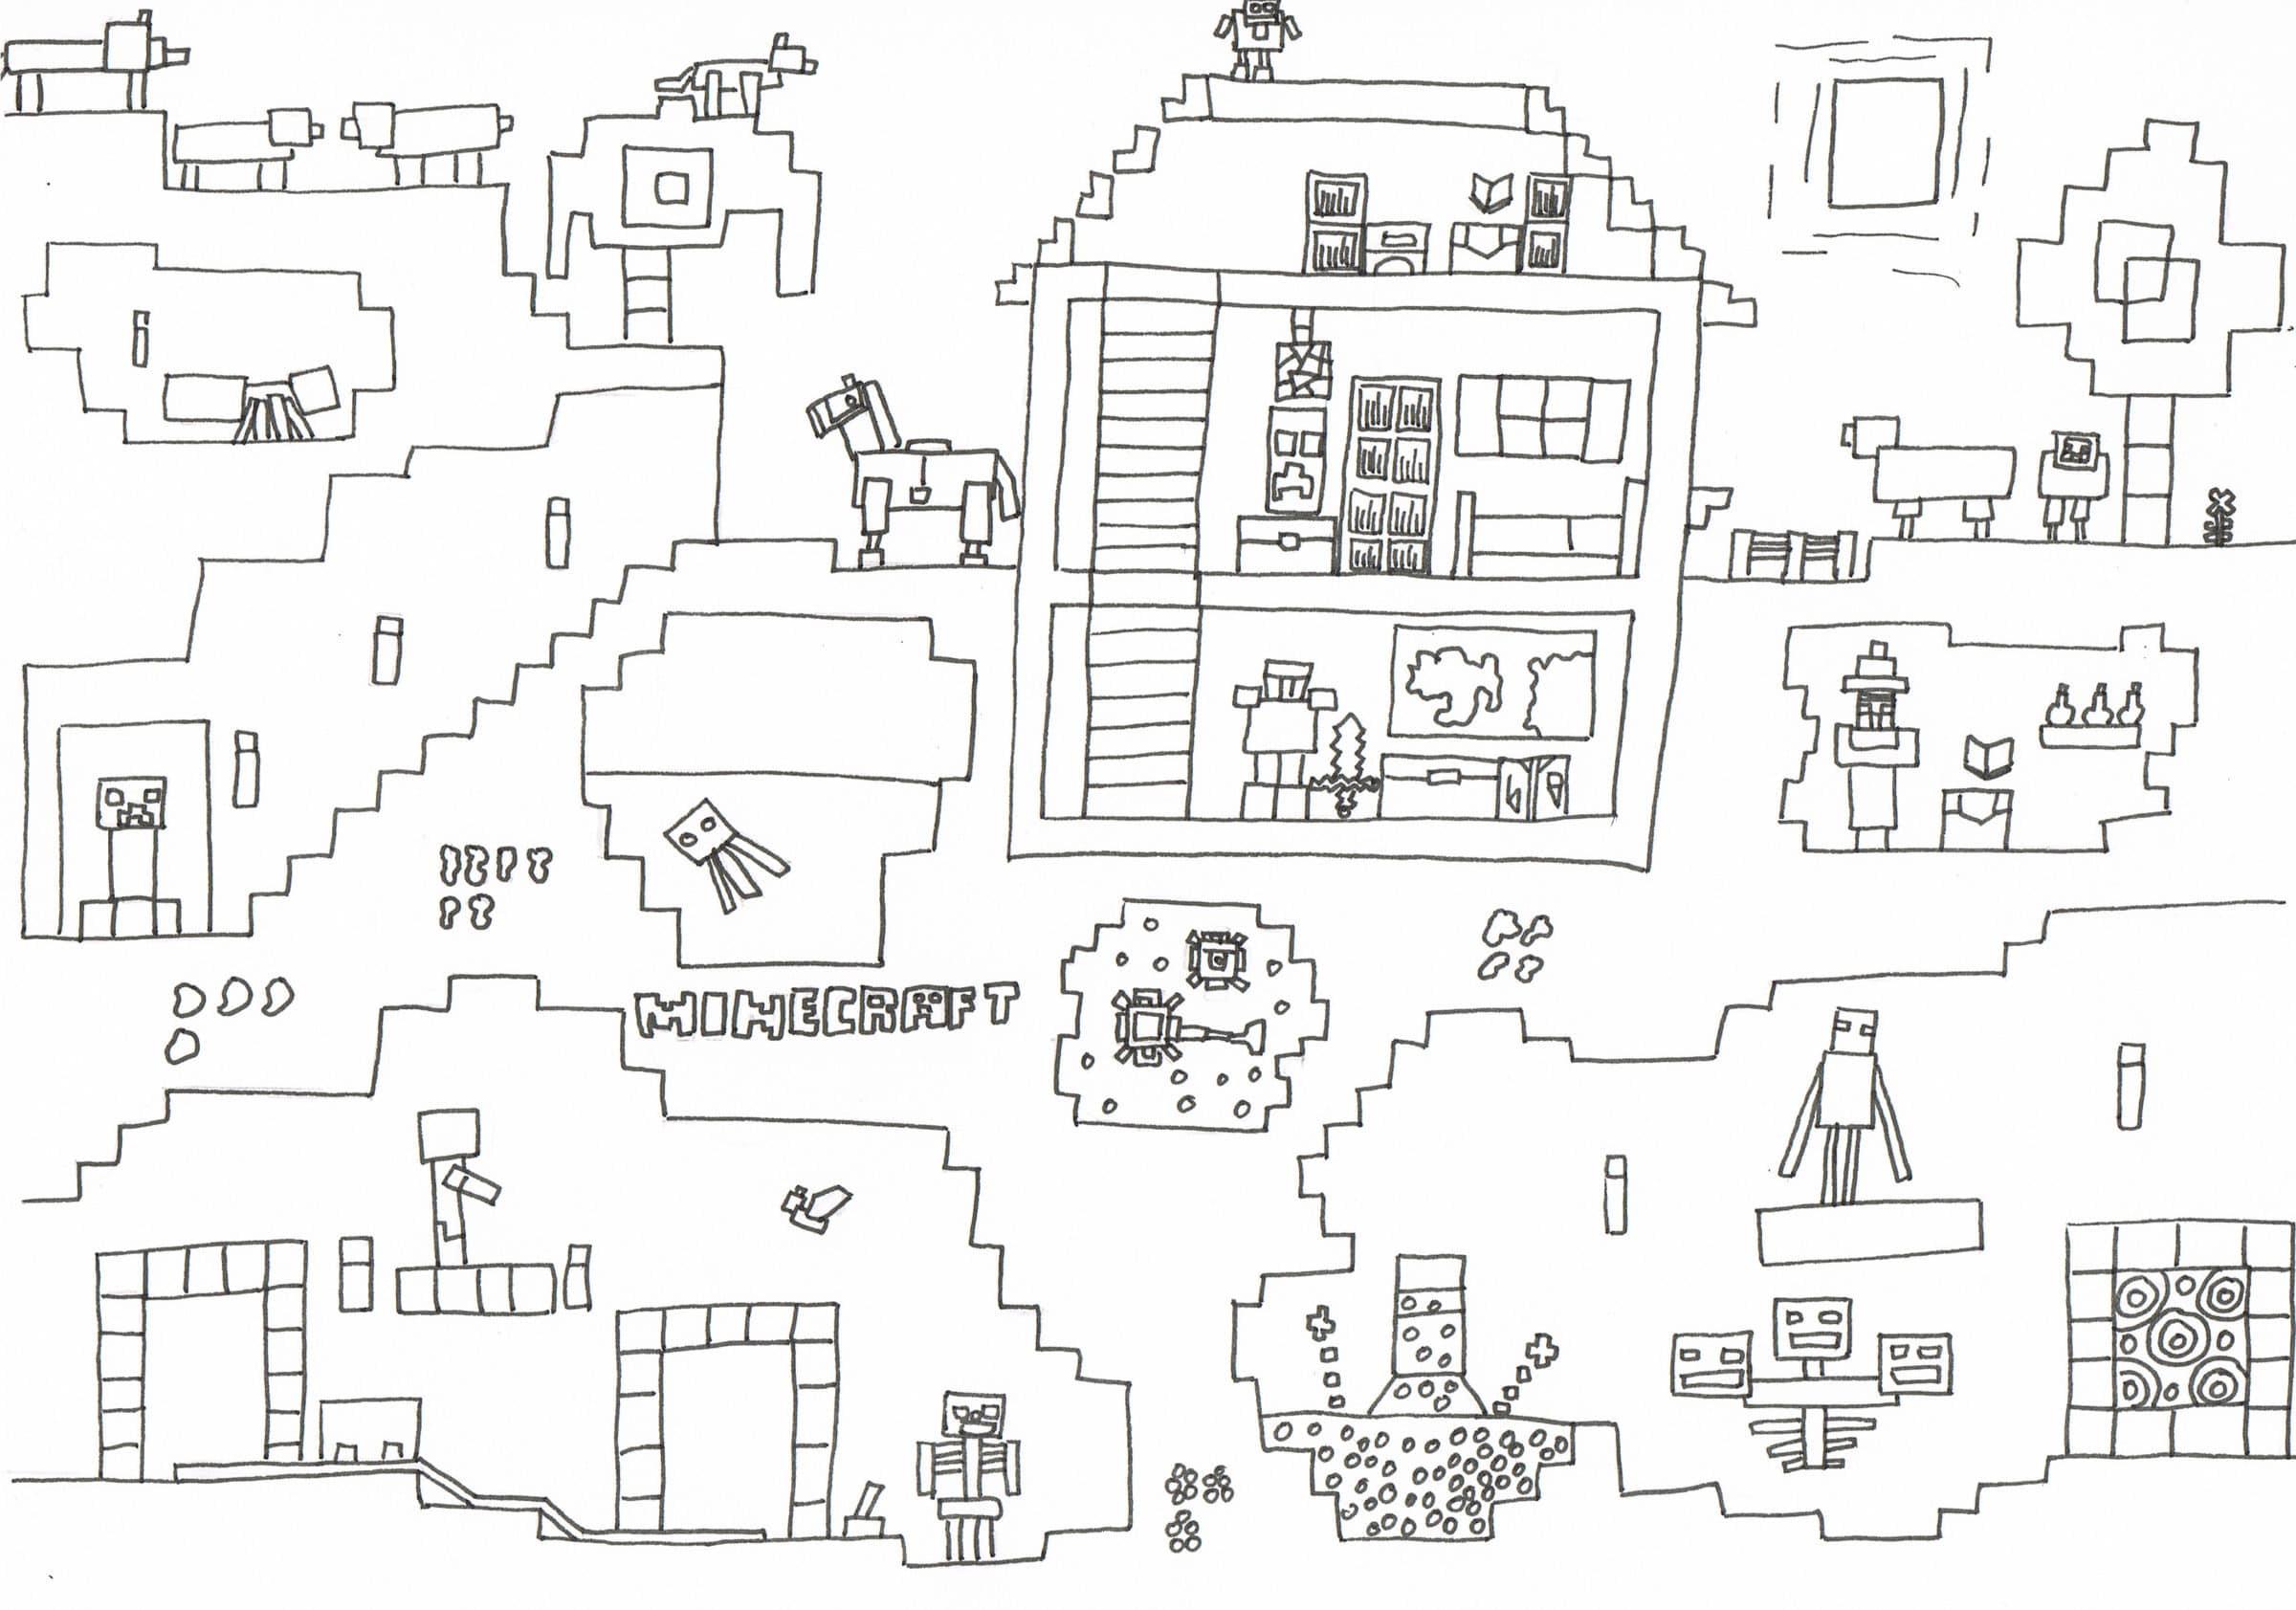 Ausmalbilder Minecraft Dorf Neu Minecraft Deadlox Ausmalbilder 1081 Malvorlage Minecraft Schön Das Bild